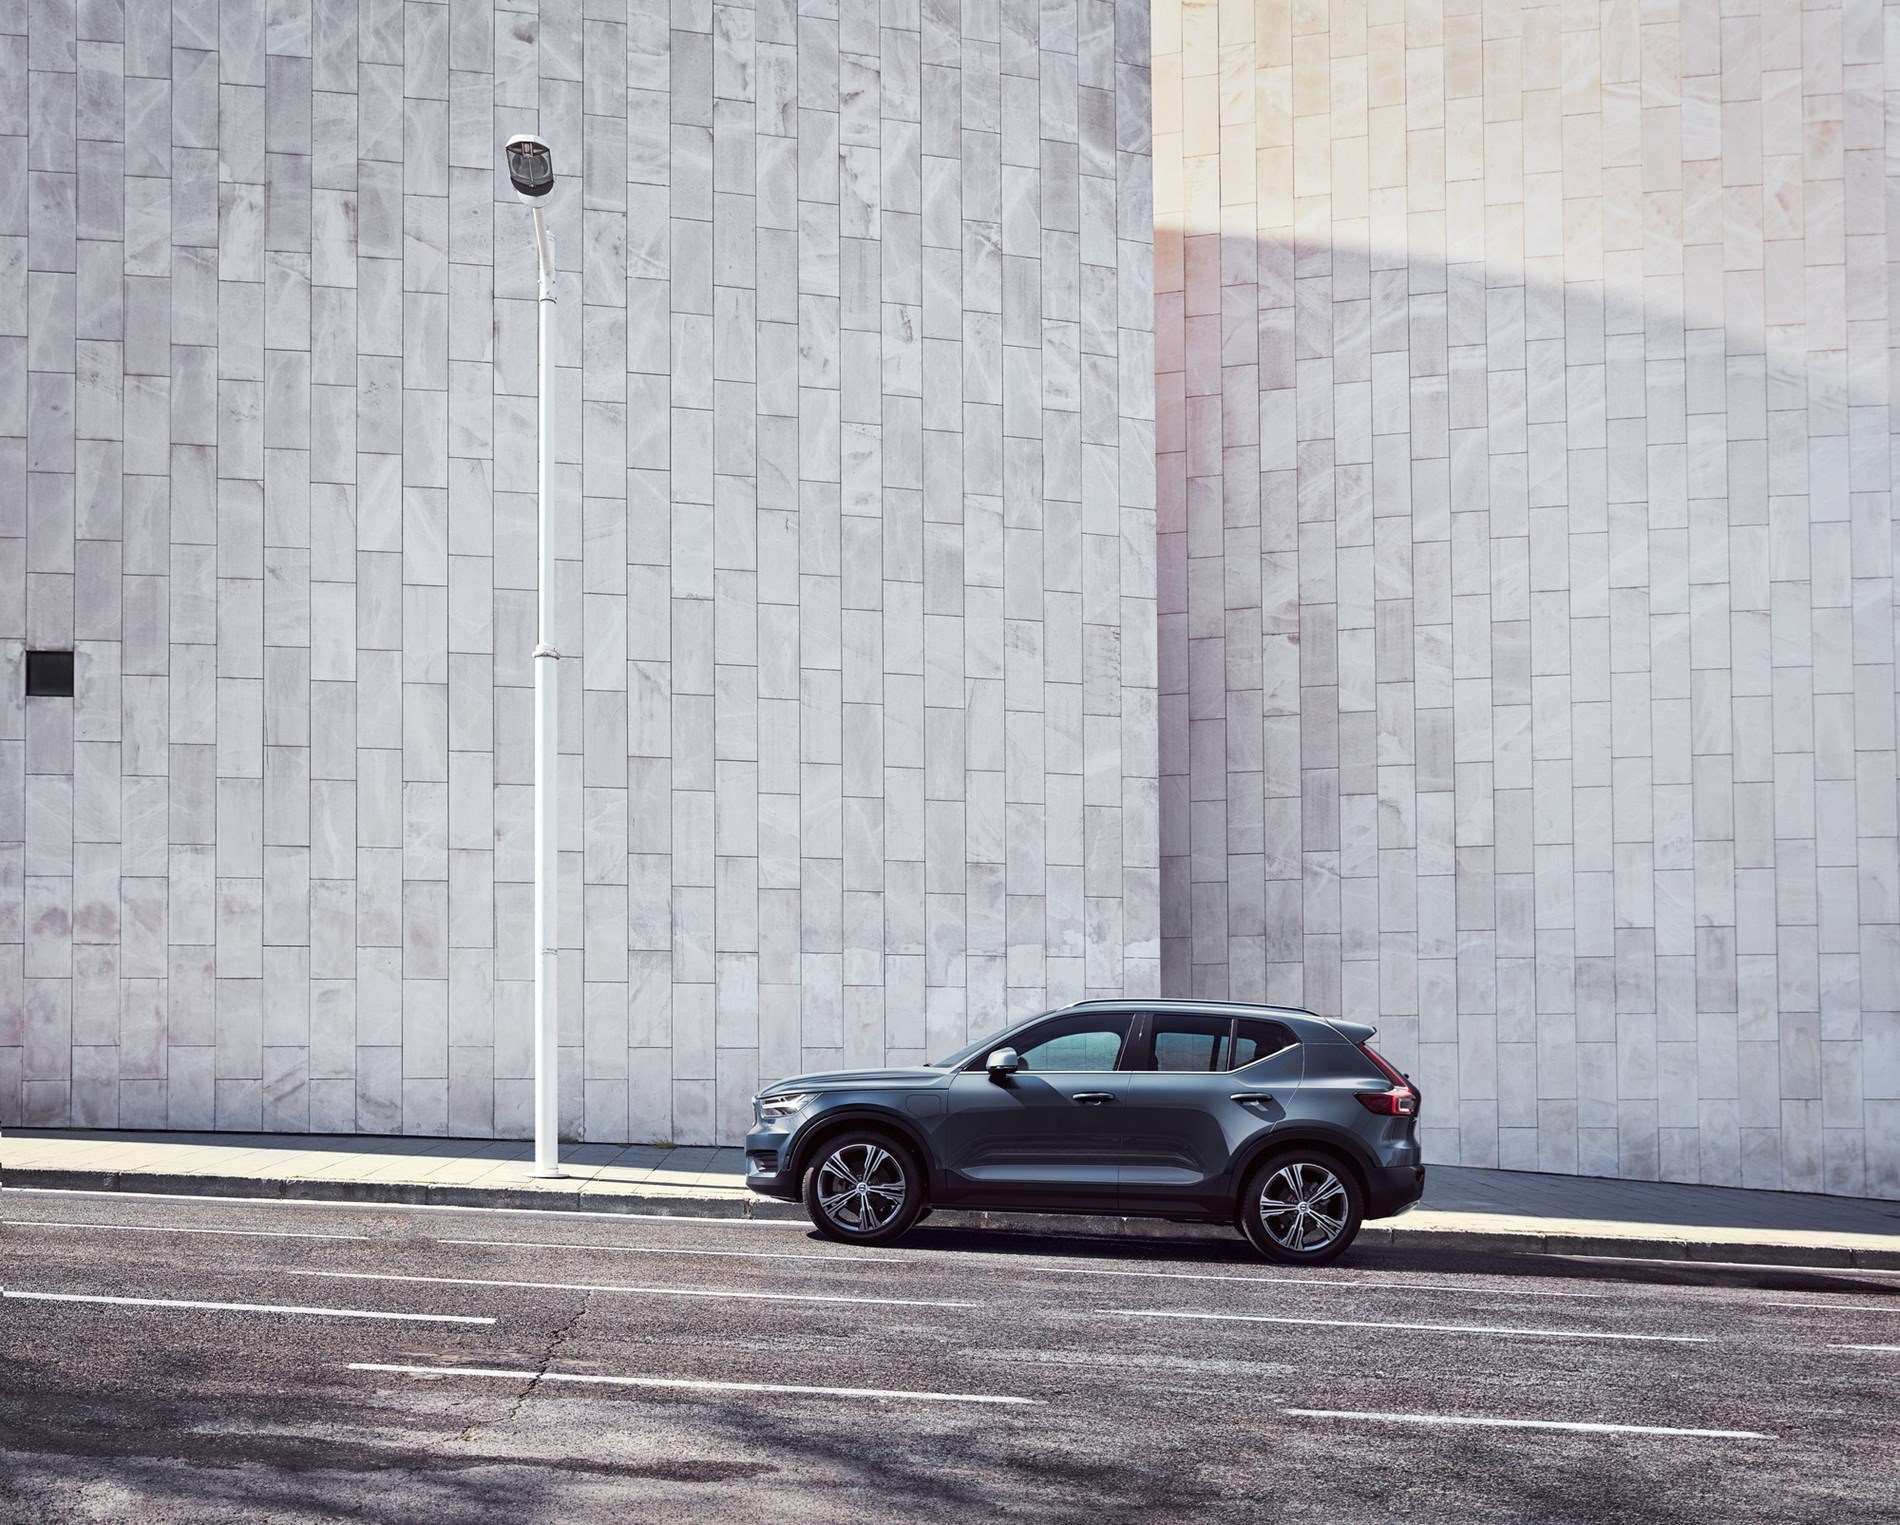 Volvo XC40 T4 Recharge Plug-in hybrid is scherp geprijsd en compleet uitgerust